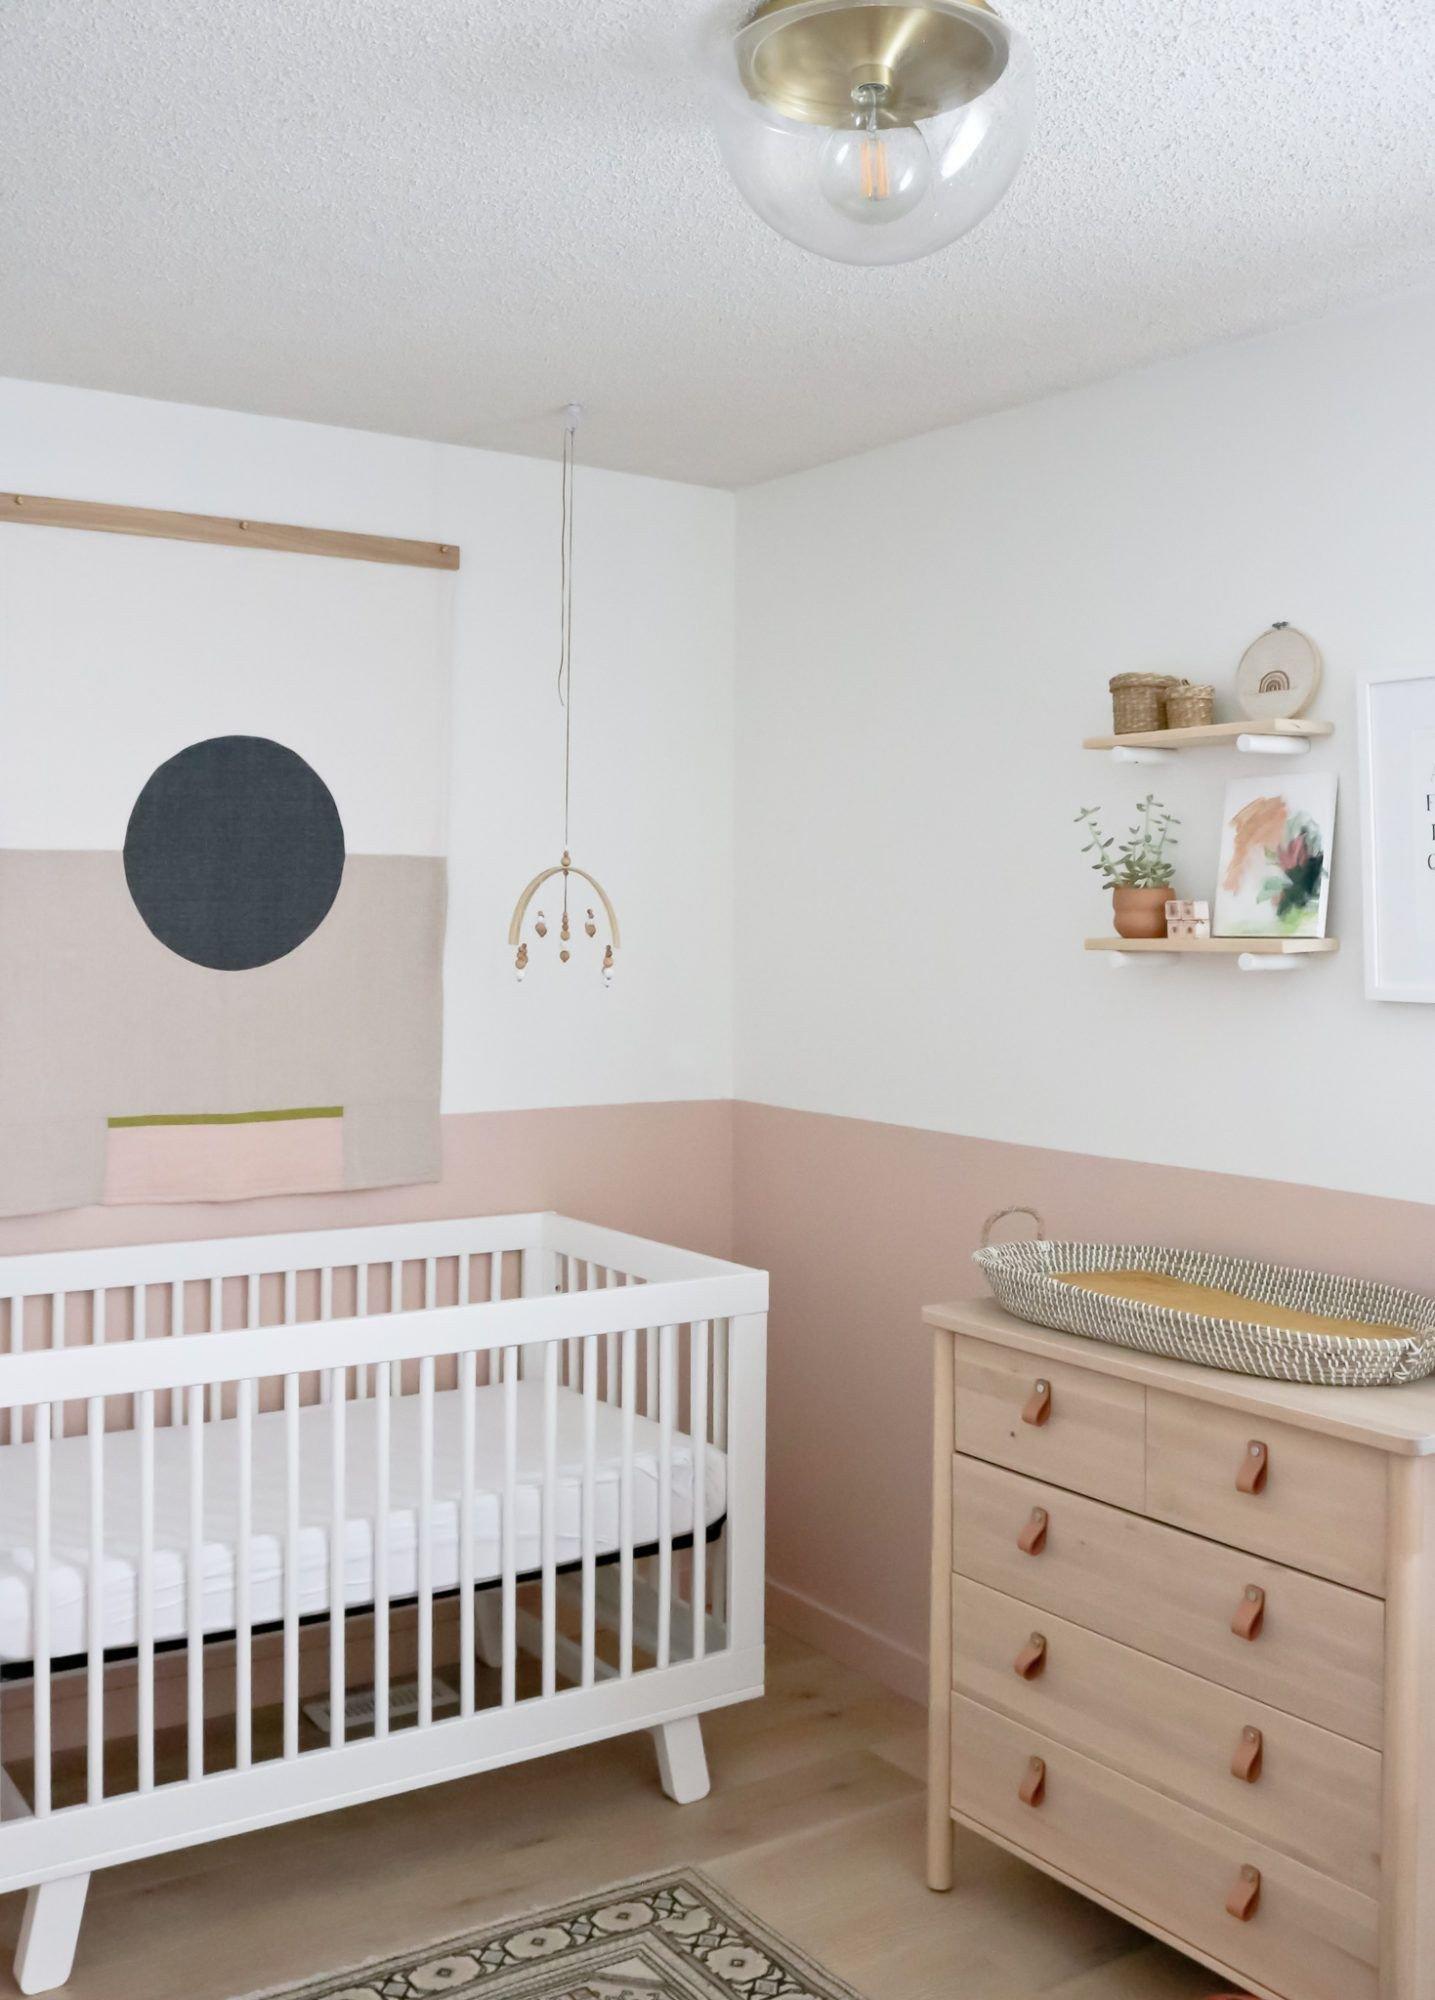 Baby Girl Bedroom Decor Elegant the Nursery Reveal – Baby Girl E S New Room